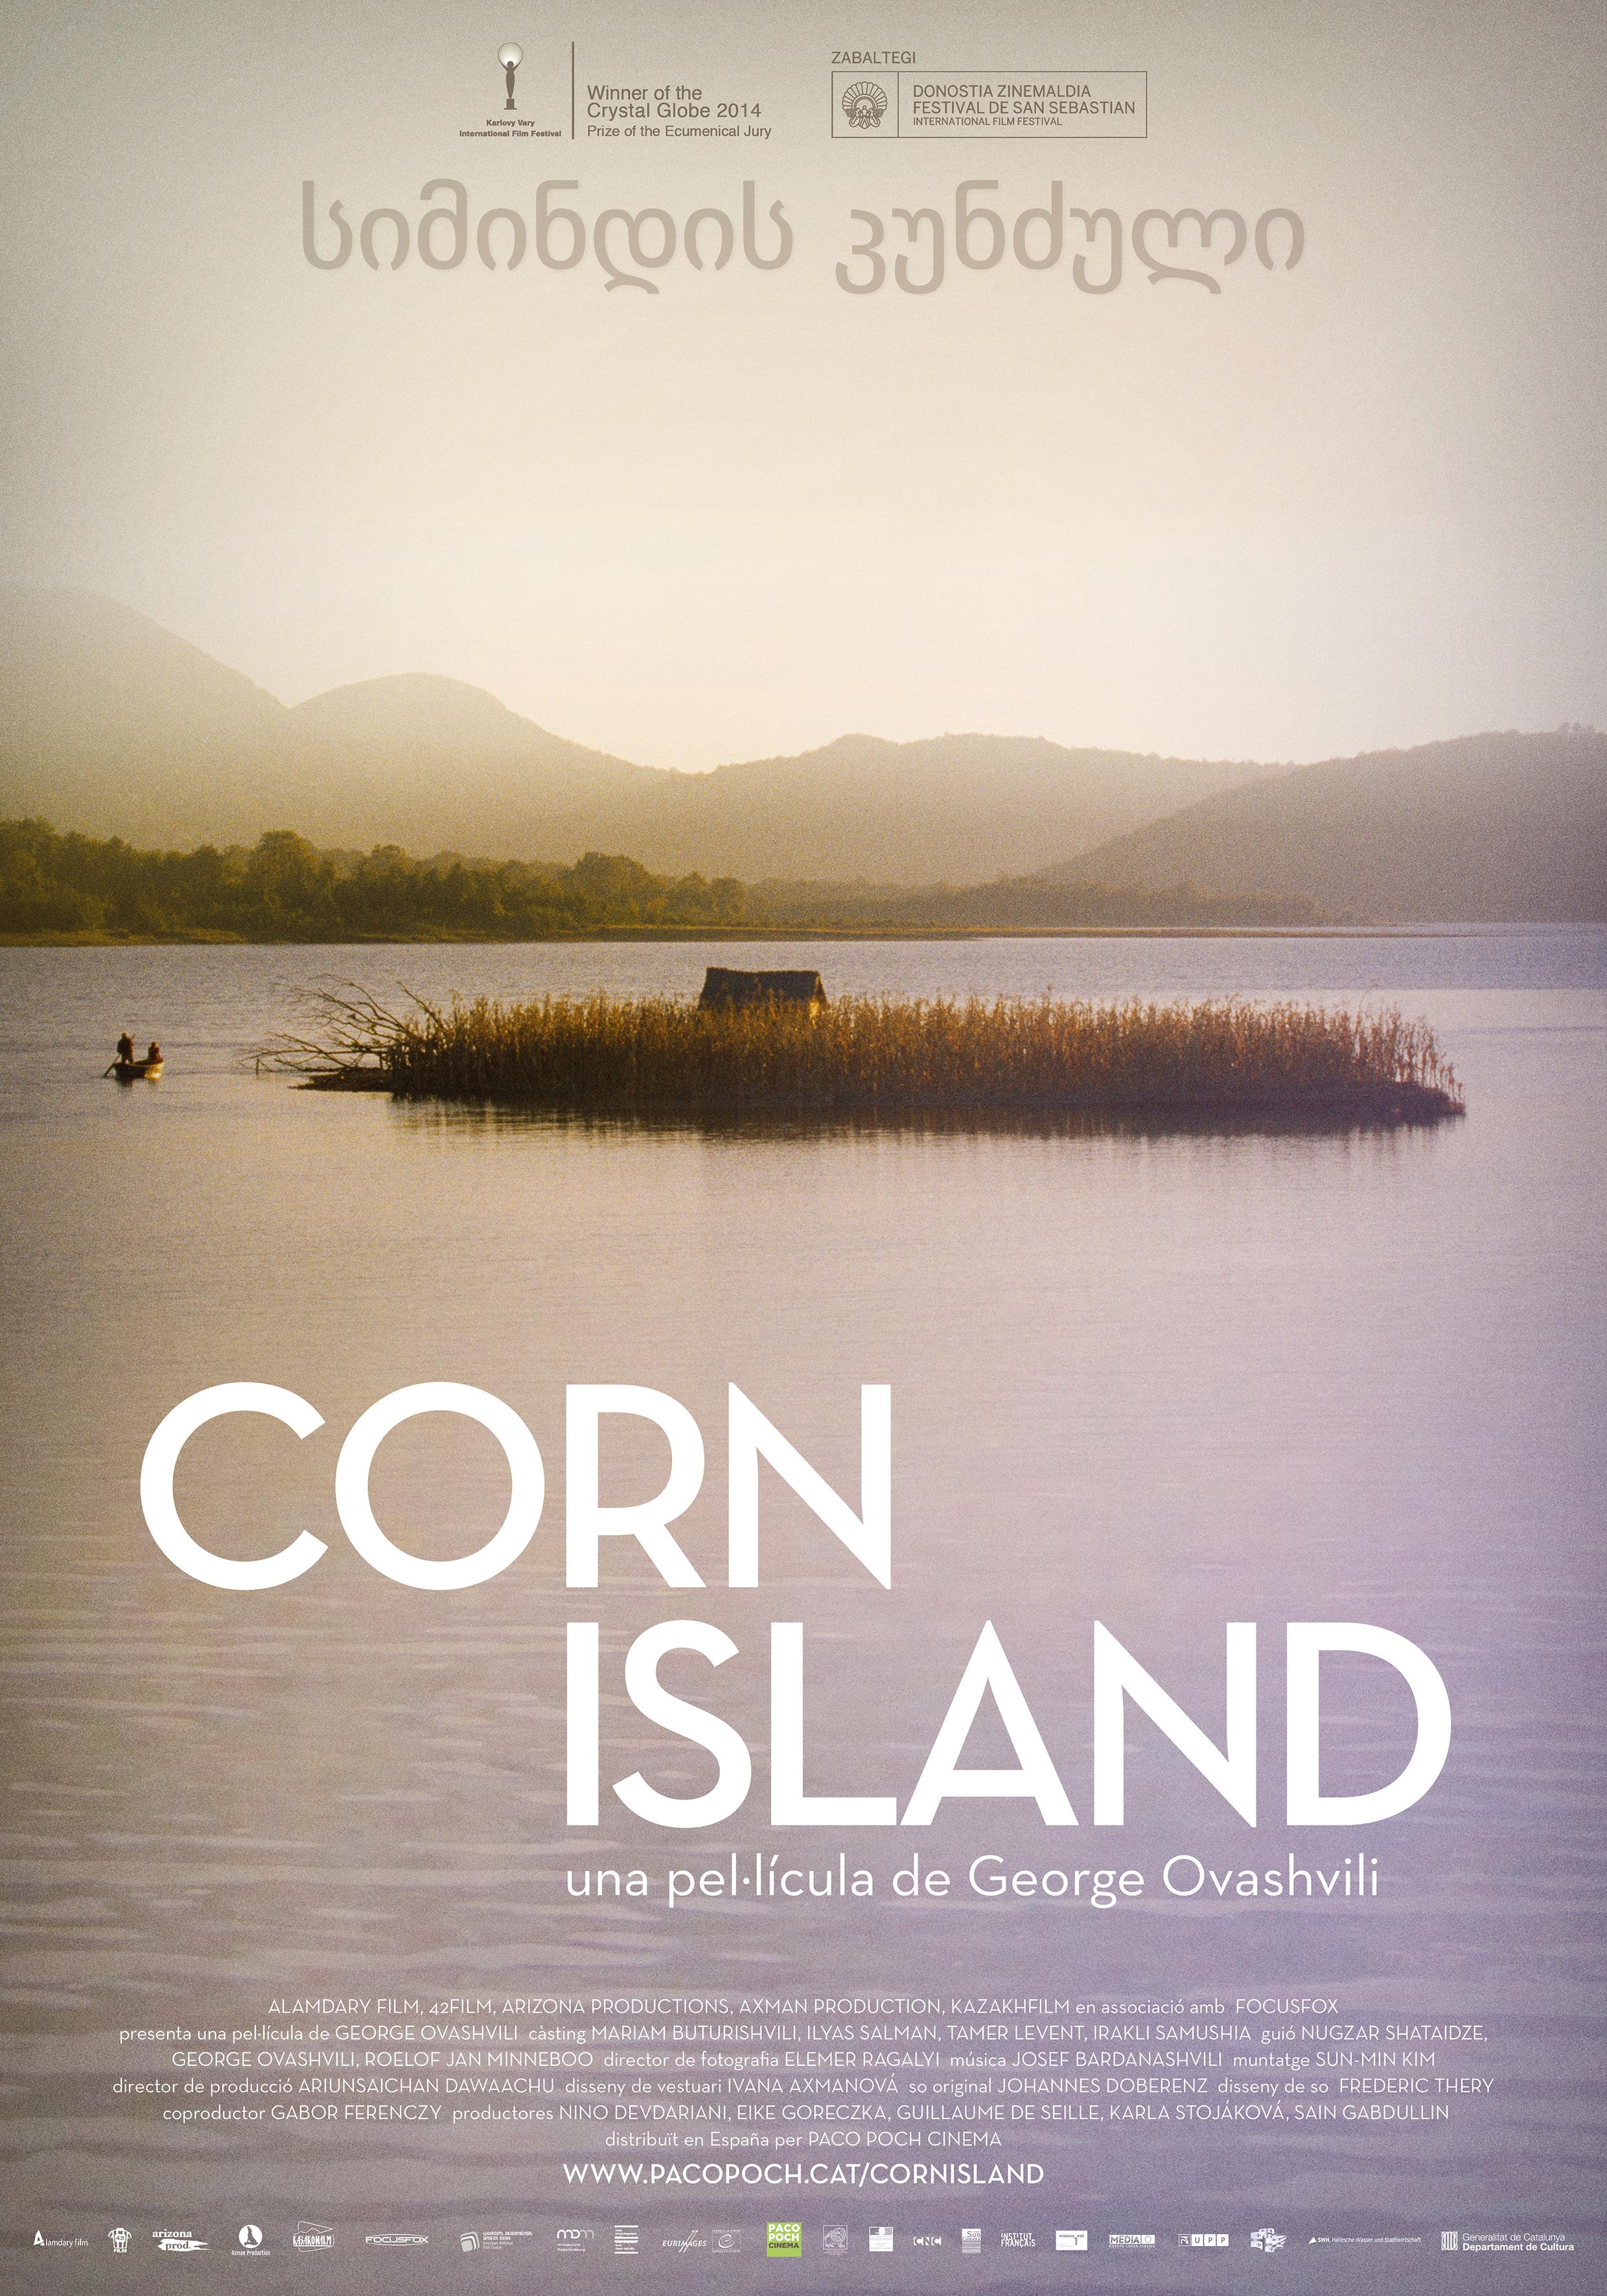 Corn island (George Ovashvili, 2014)